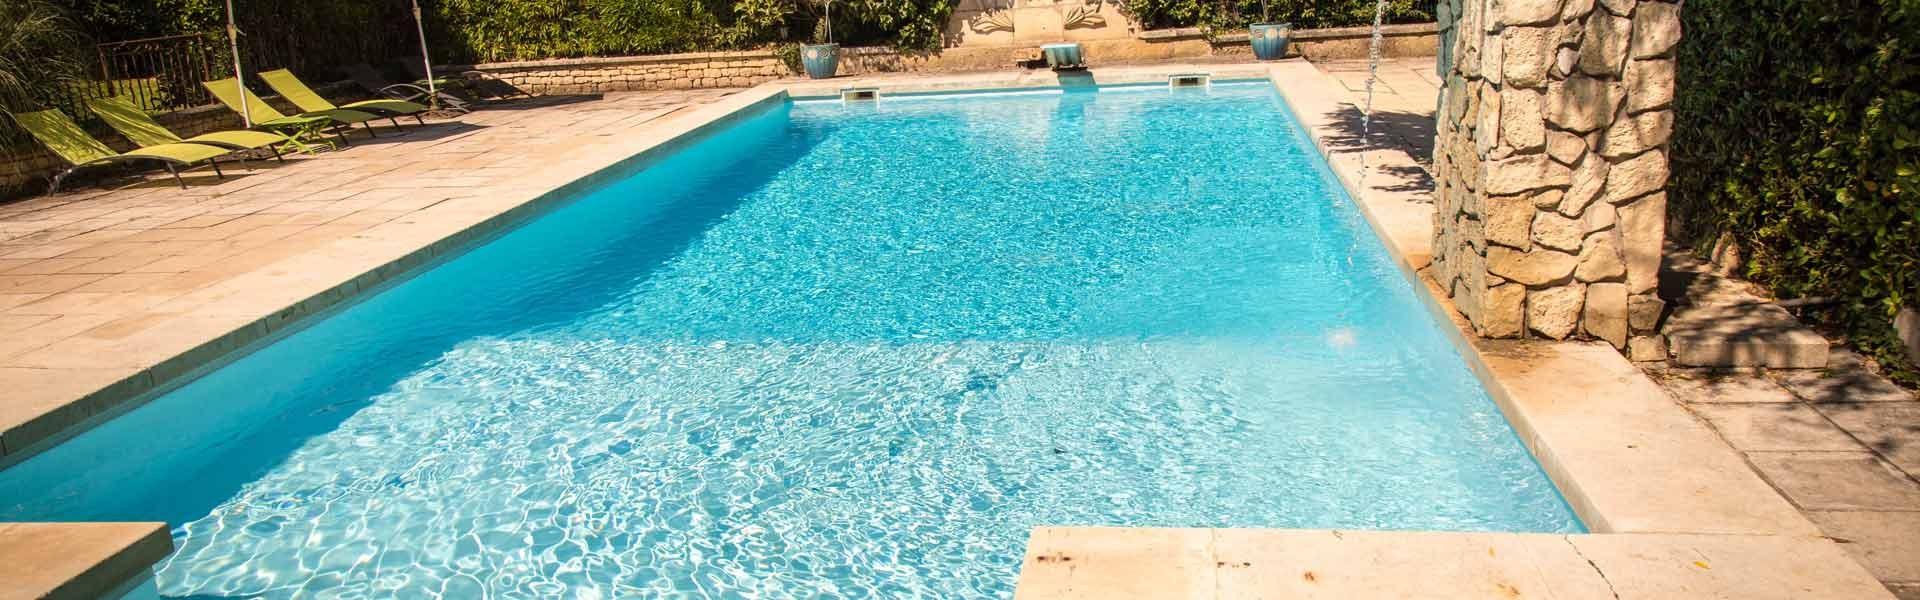 Shogol - outdoor pool